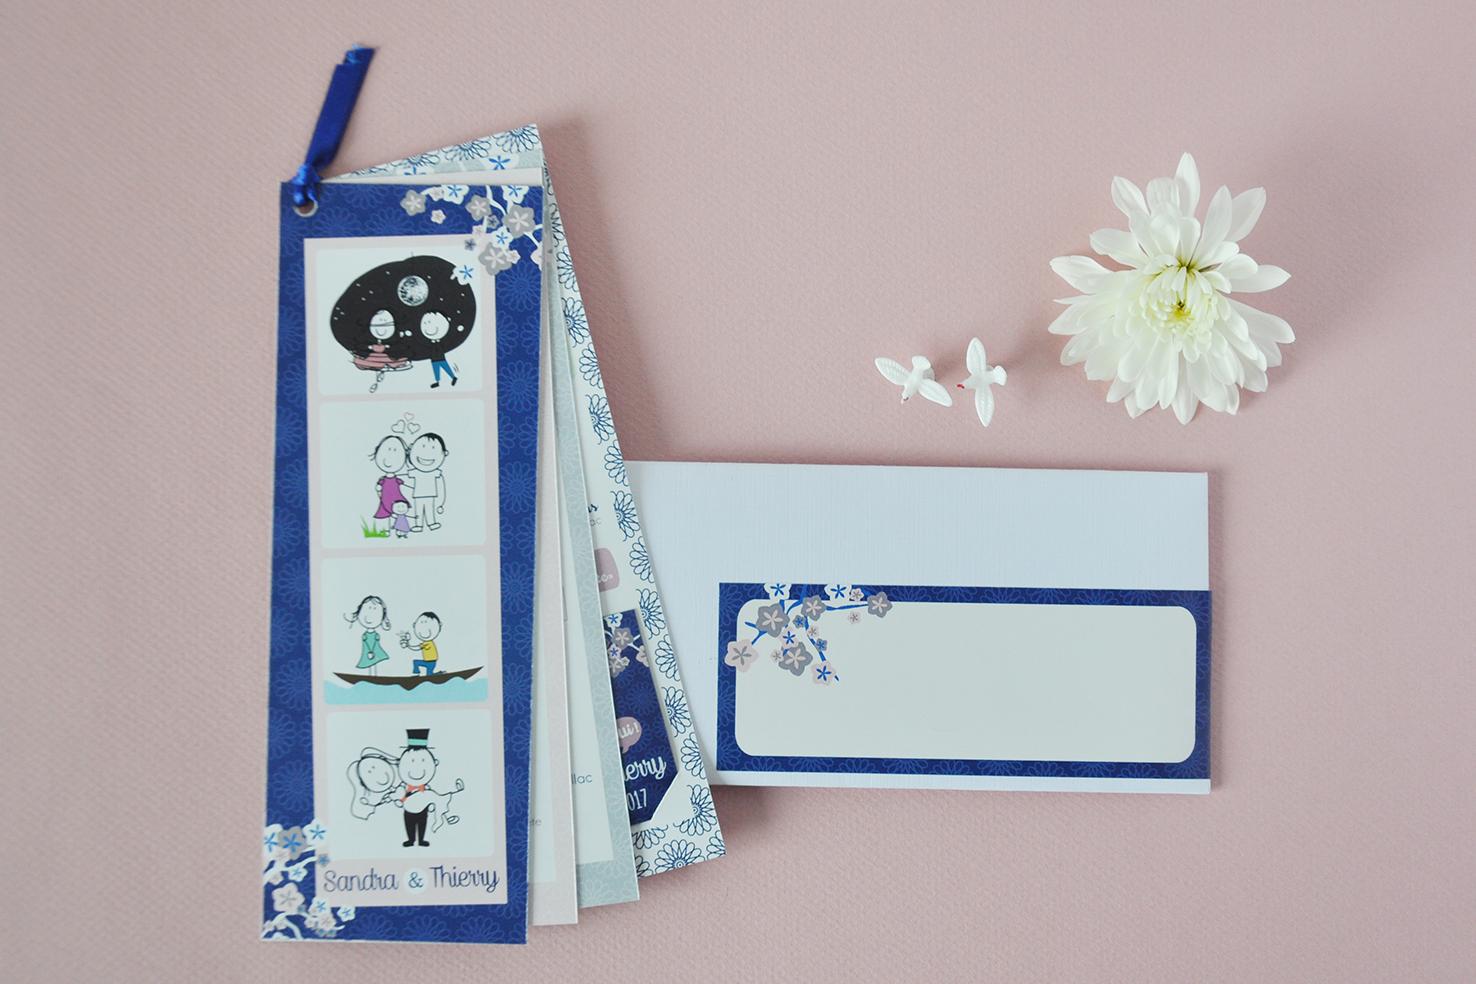 arr te de r ver faire part le mariage de sandra et thierry inspiration japonaise. Black Bedroom Furniture Sets. Home Design Ideas